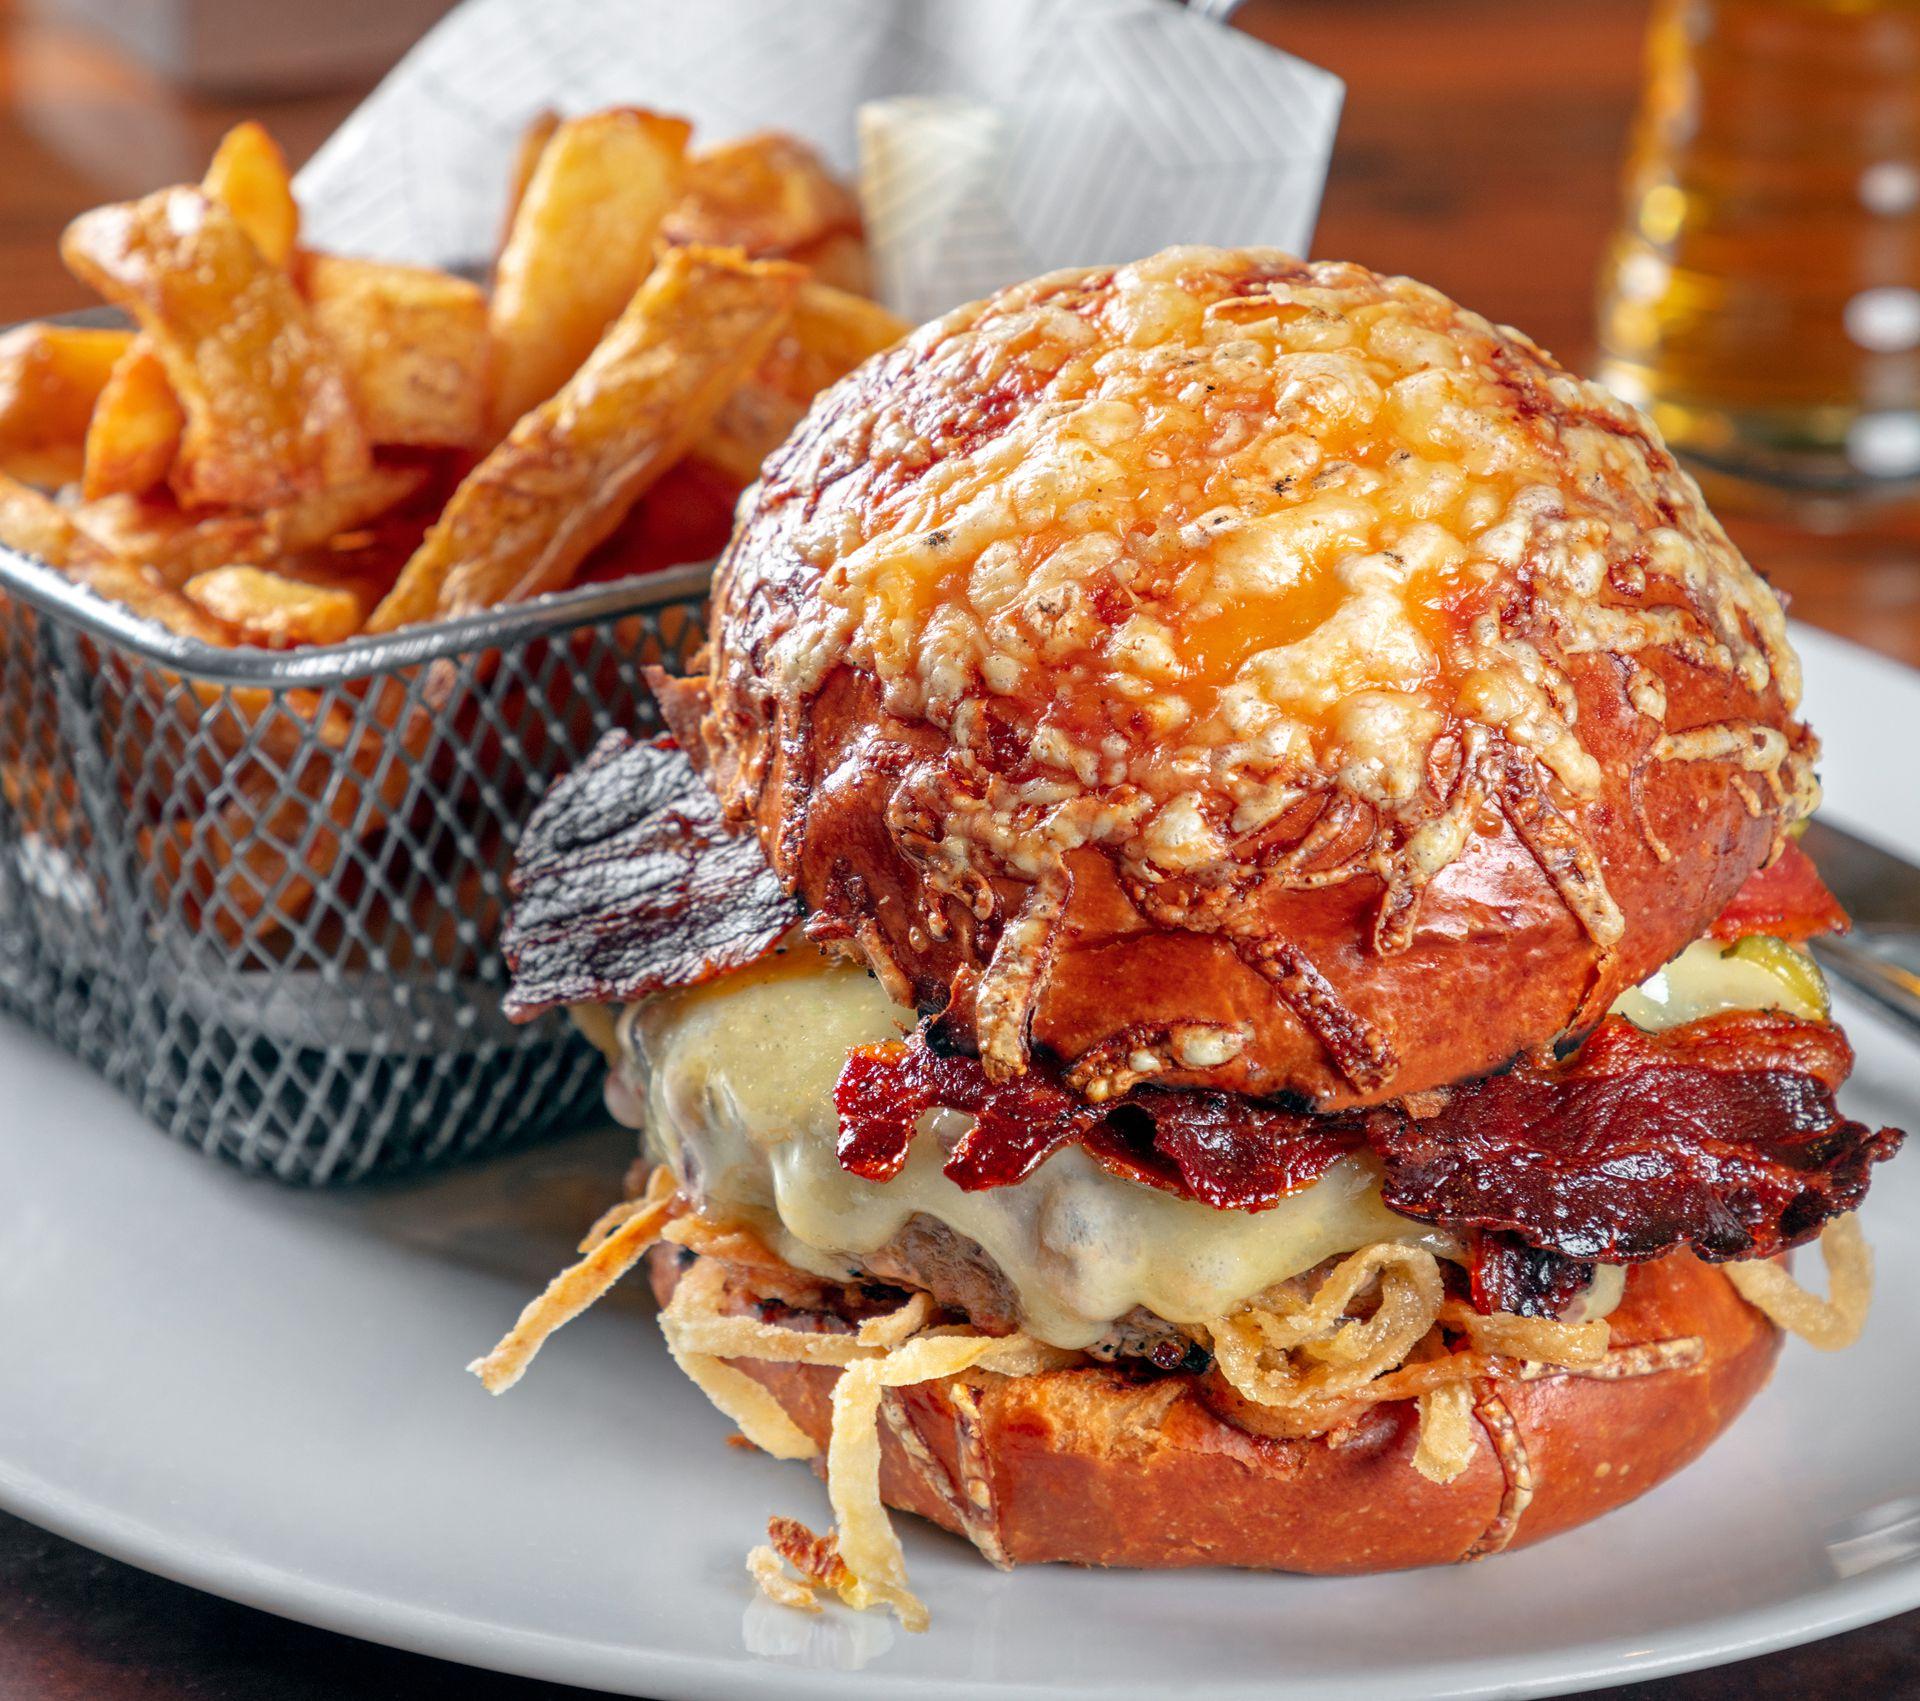 La clásica hamburguesa Pony con queso fundido, una imperdible del hotel